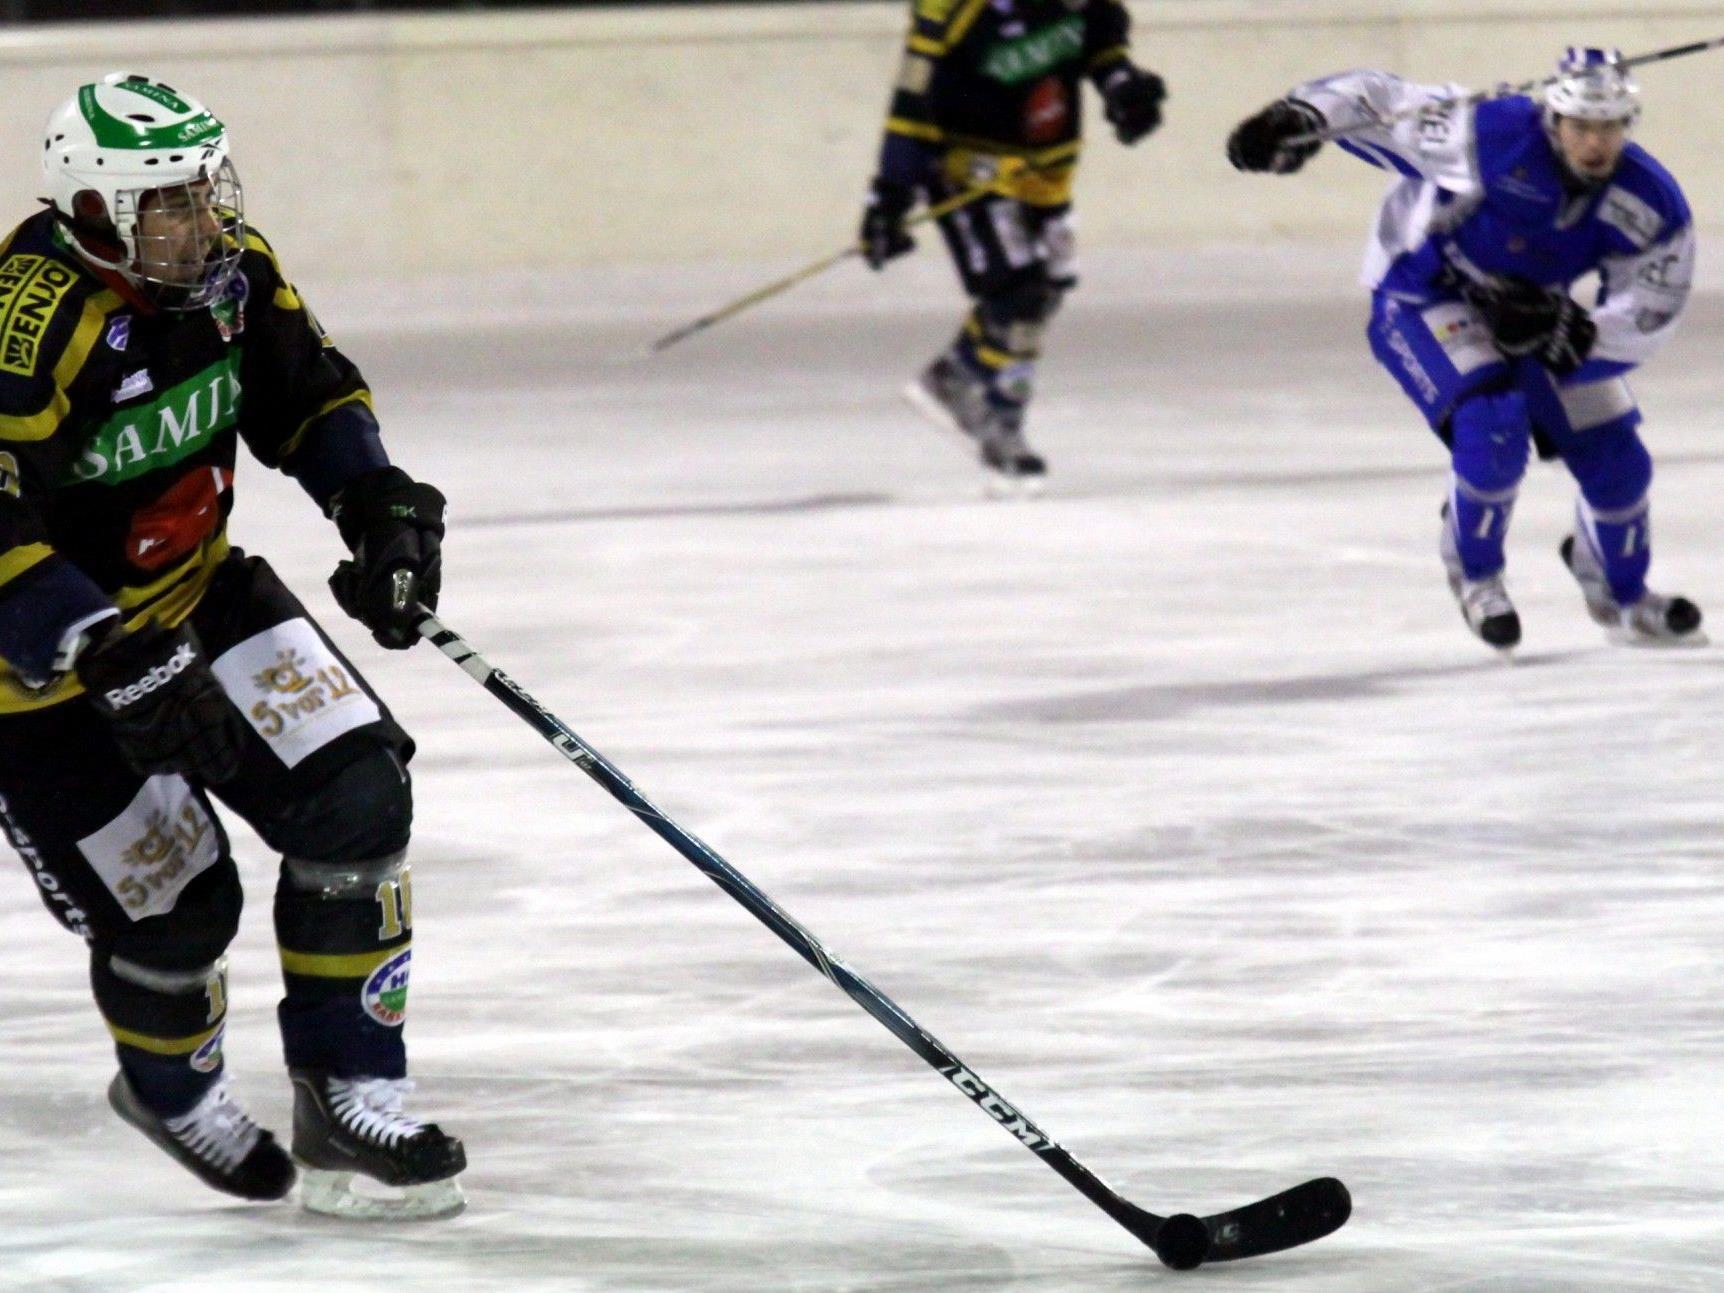 HC Samina Rankweil Spielertrainer Michal Kopas schoss ein Triplepack beim 7:5-Testsieg in Dübendorf.